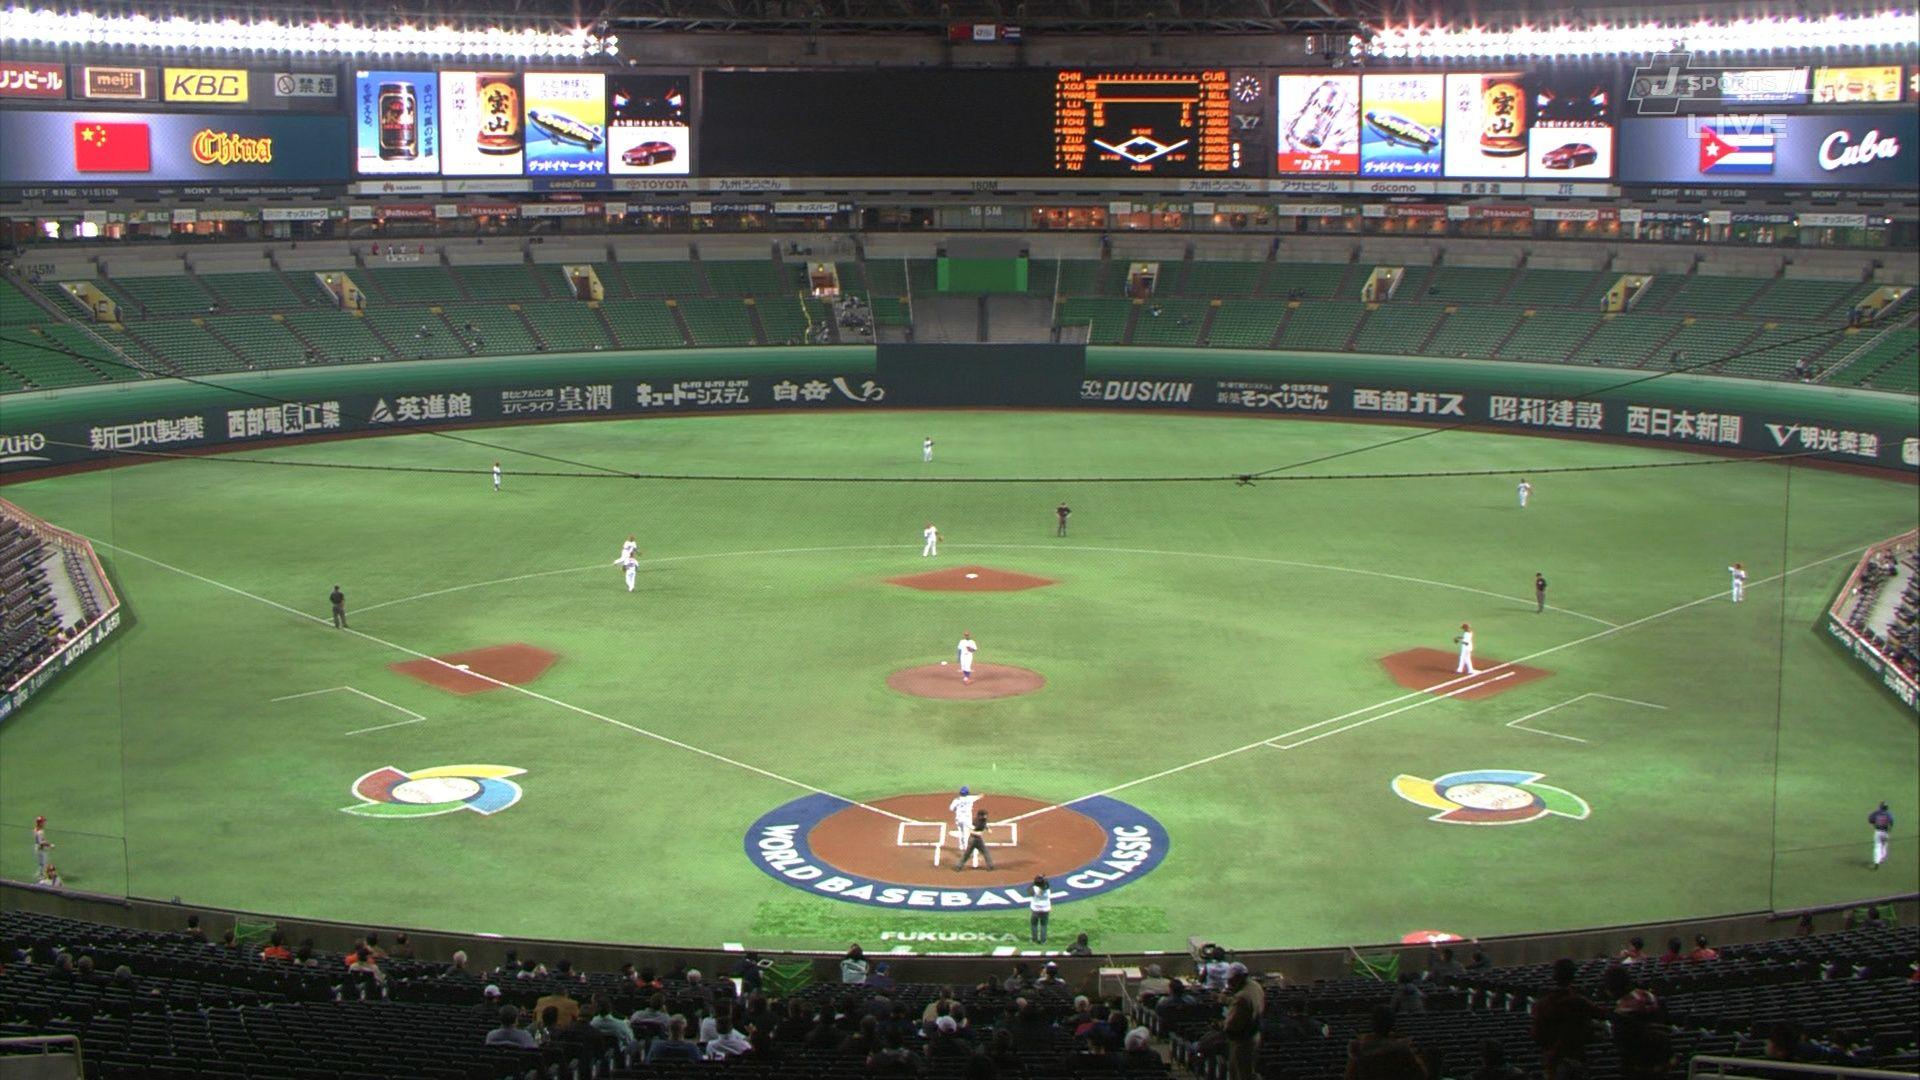 """【野球】<MLBで珍事!>衝撃の """"超ガラガラ試合"""" に米仰天!「これは酷い」「100人いる?」「これは酷い」"""